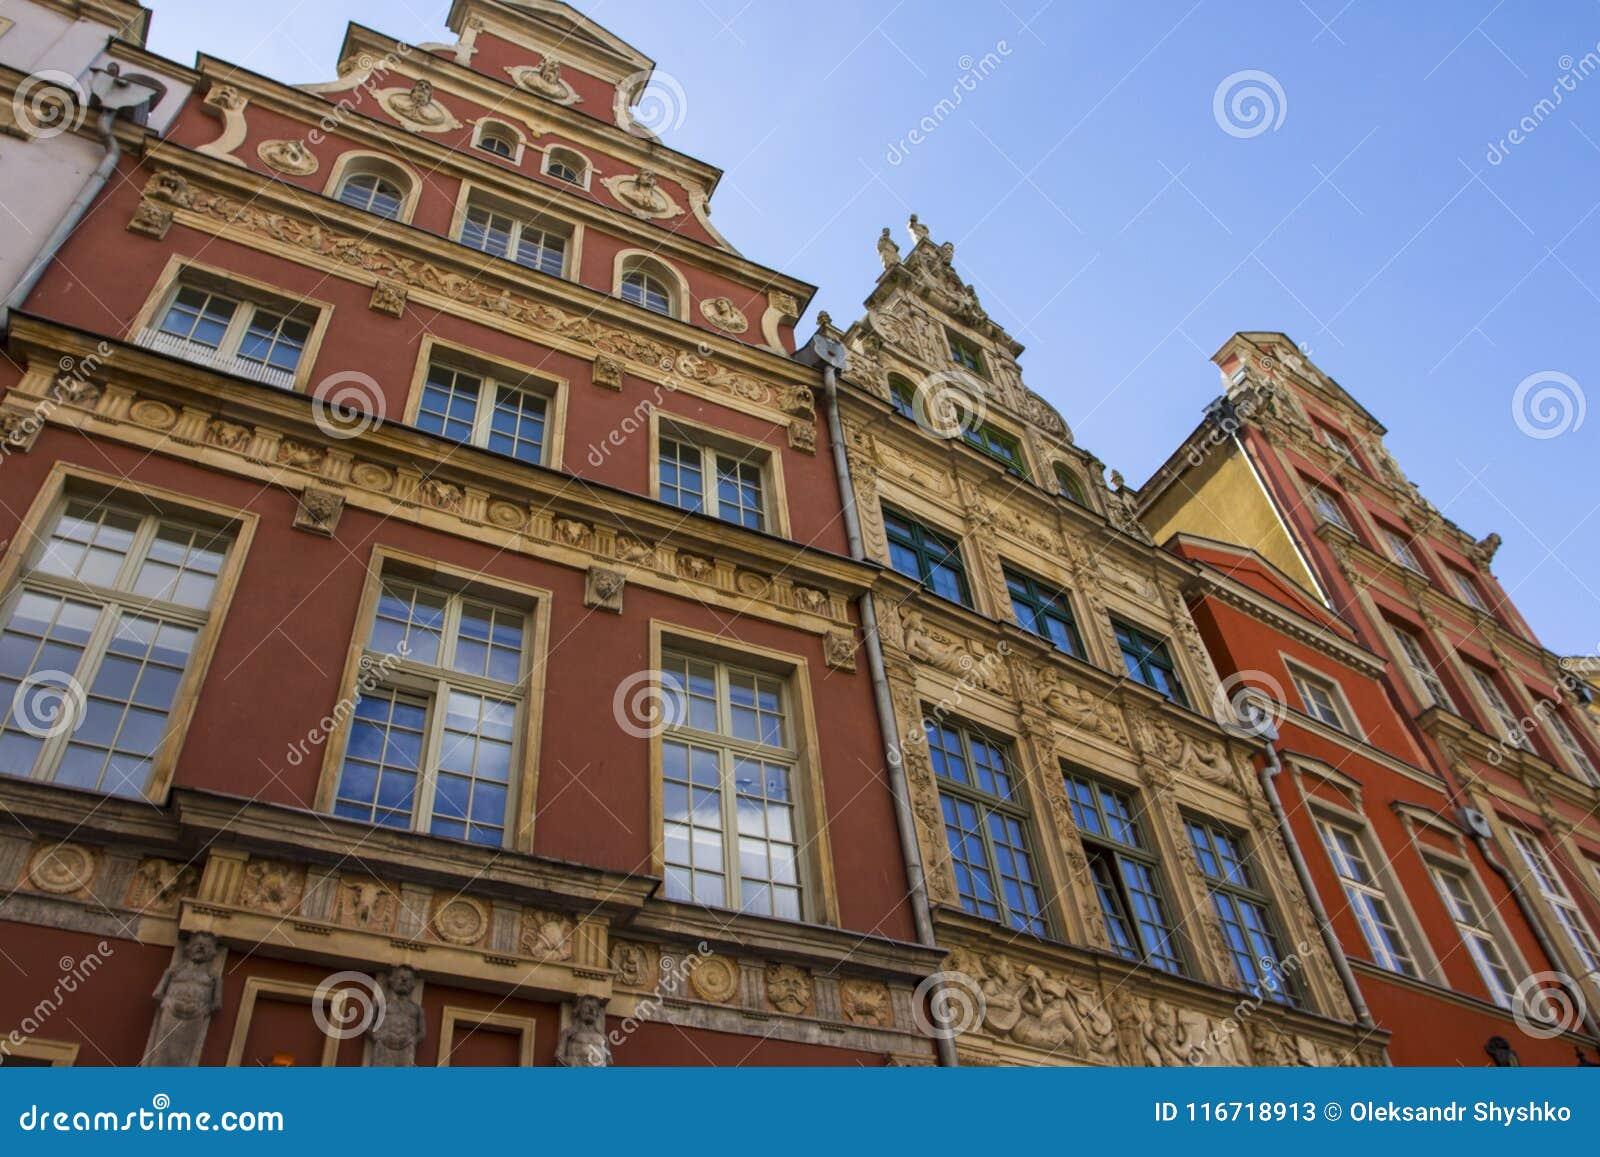 历史建筑美丽的五颜六色的门面在老镇格但斯克 波兰